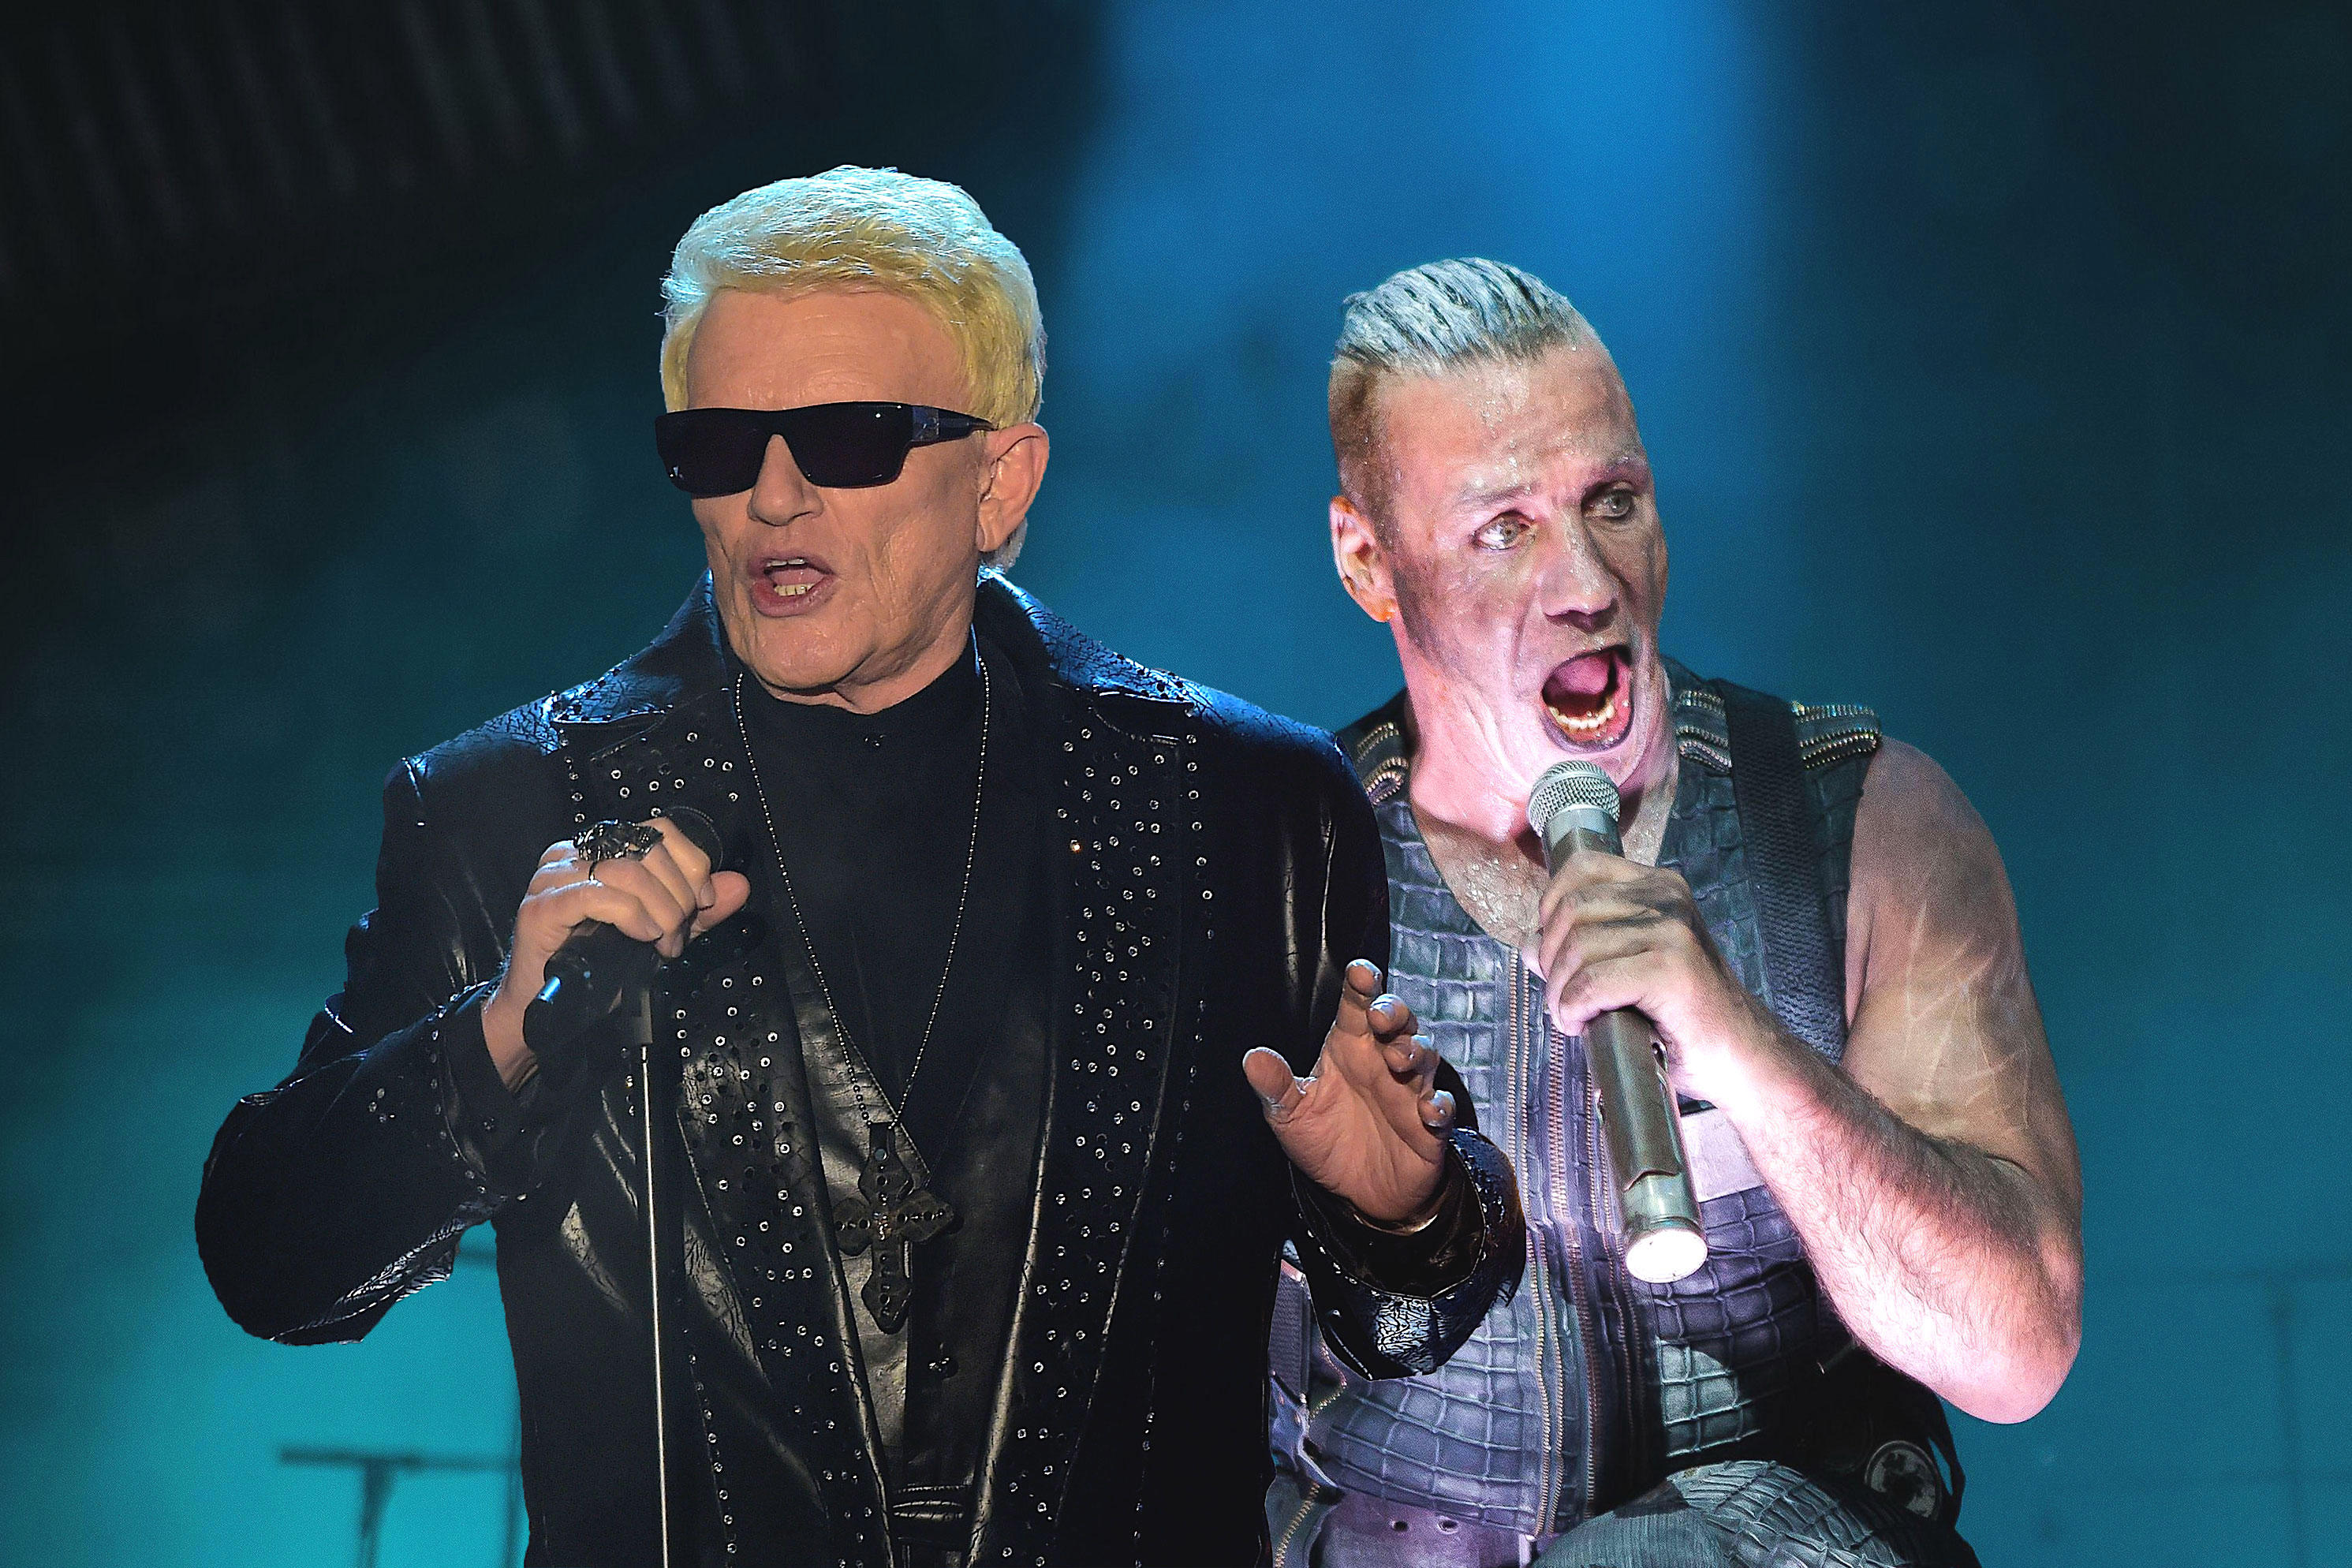 """Sänger Heino (l.) hat für sein Abschieds-Album den """"Rammstein""""-Hit """"Engel"""" gecovert. Die Plattenfirma um die Band von Till Lindemann (r.) hat die Veröffentlichung des Songs kurz vor Release-Datum untersagt."""